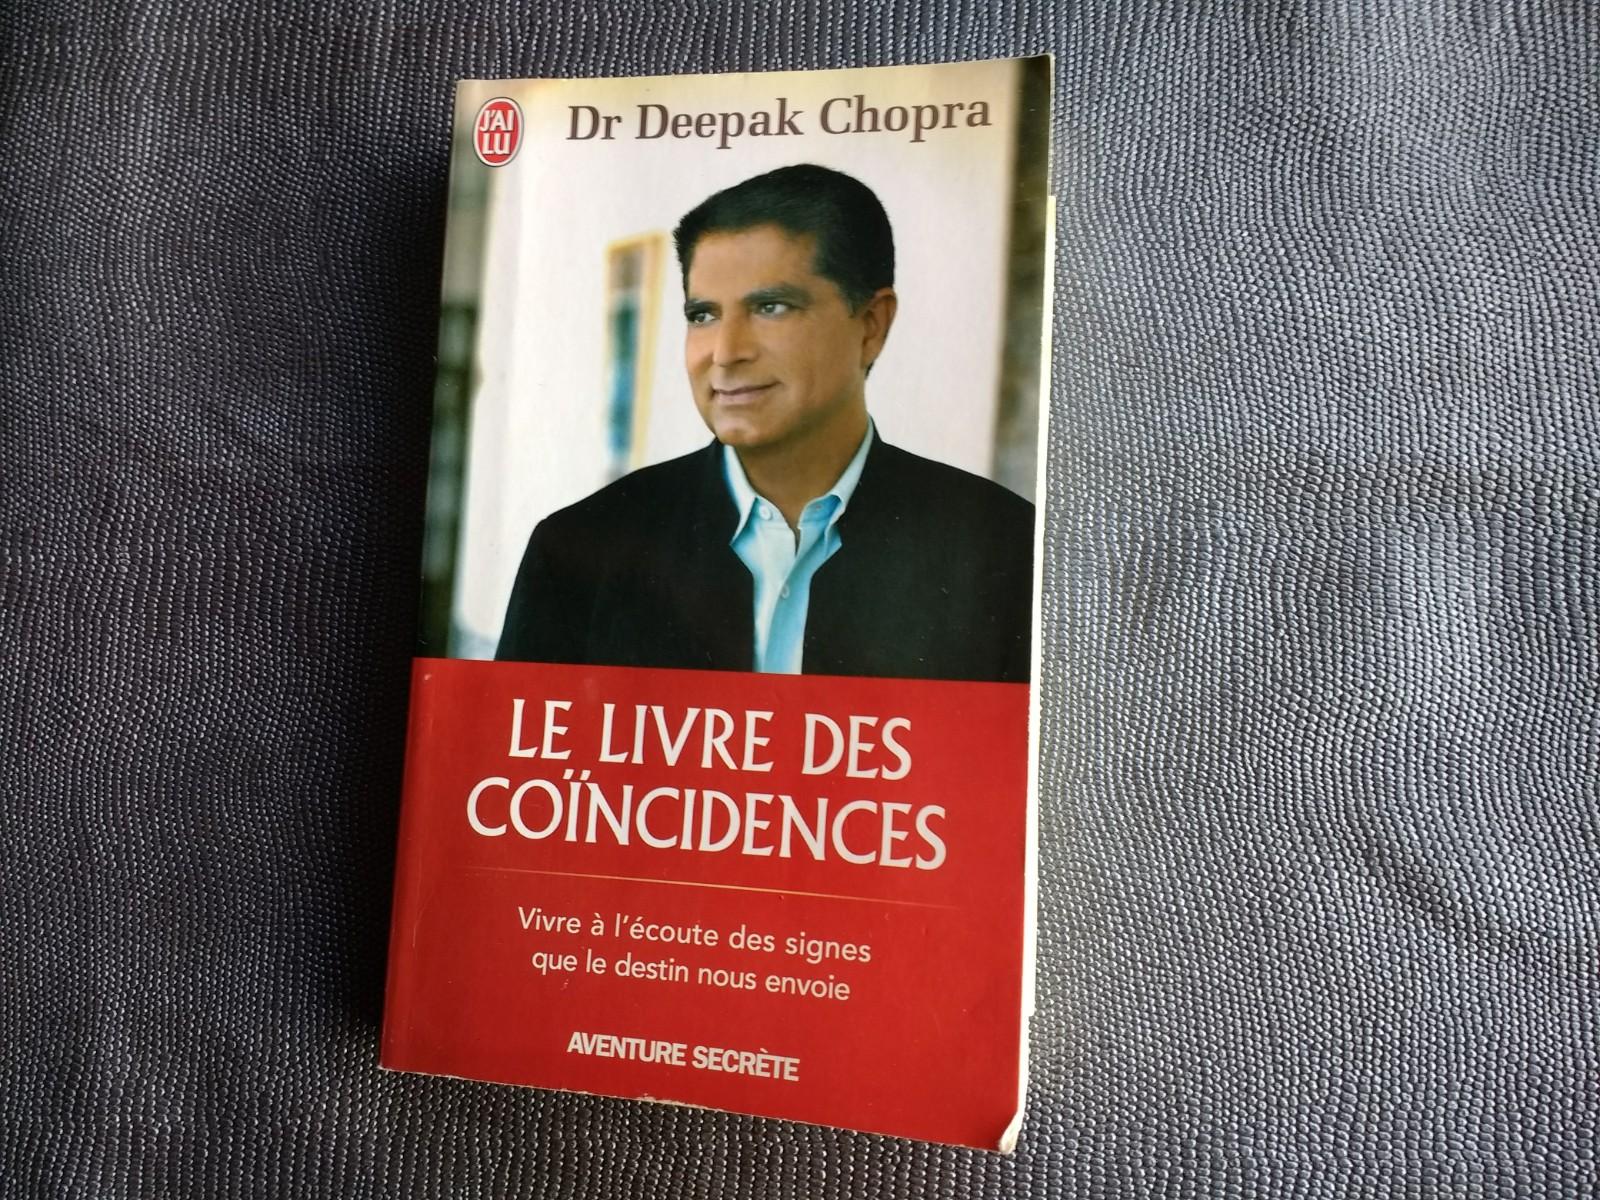 Le livre des coïncidences de Dr Deepak Chopra